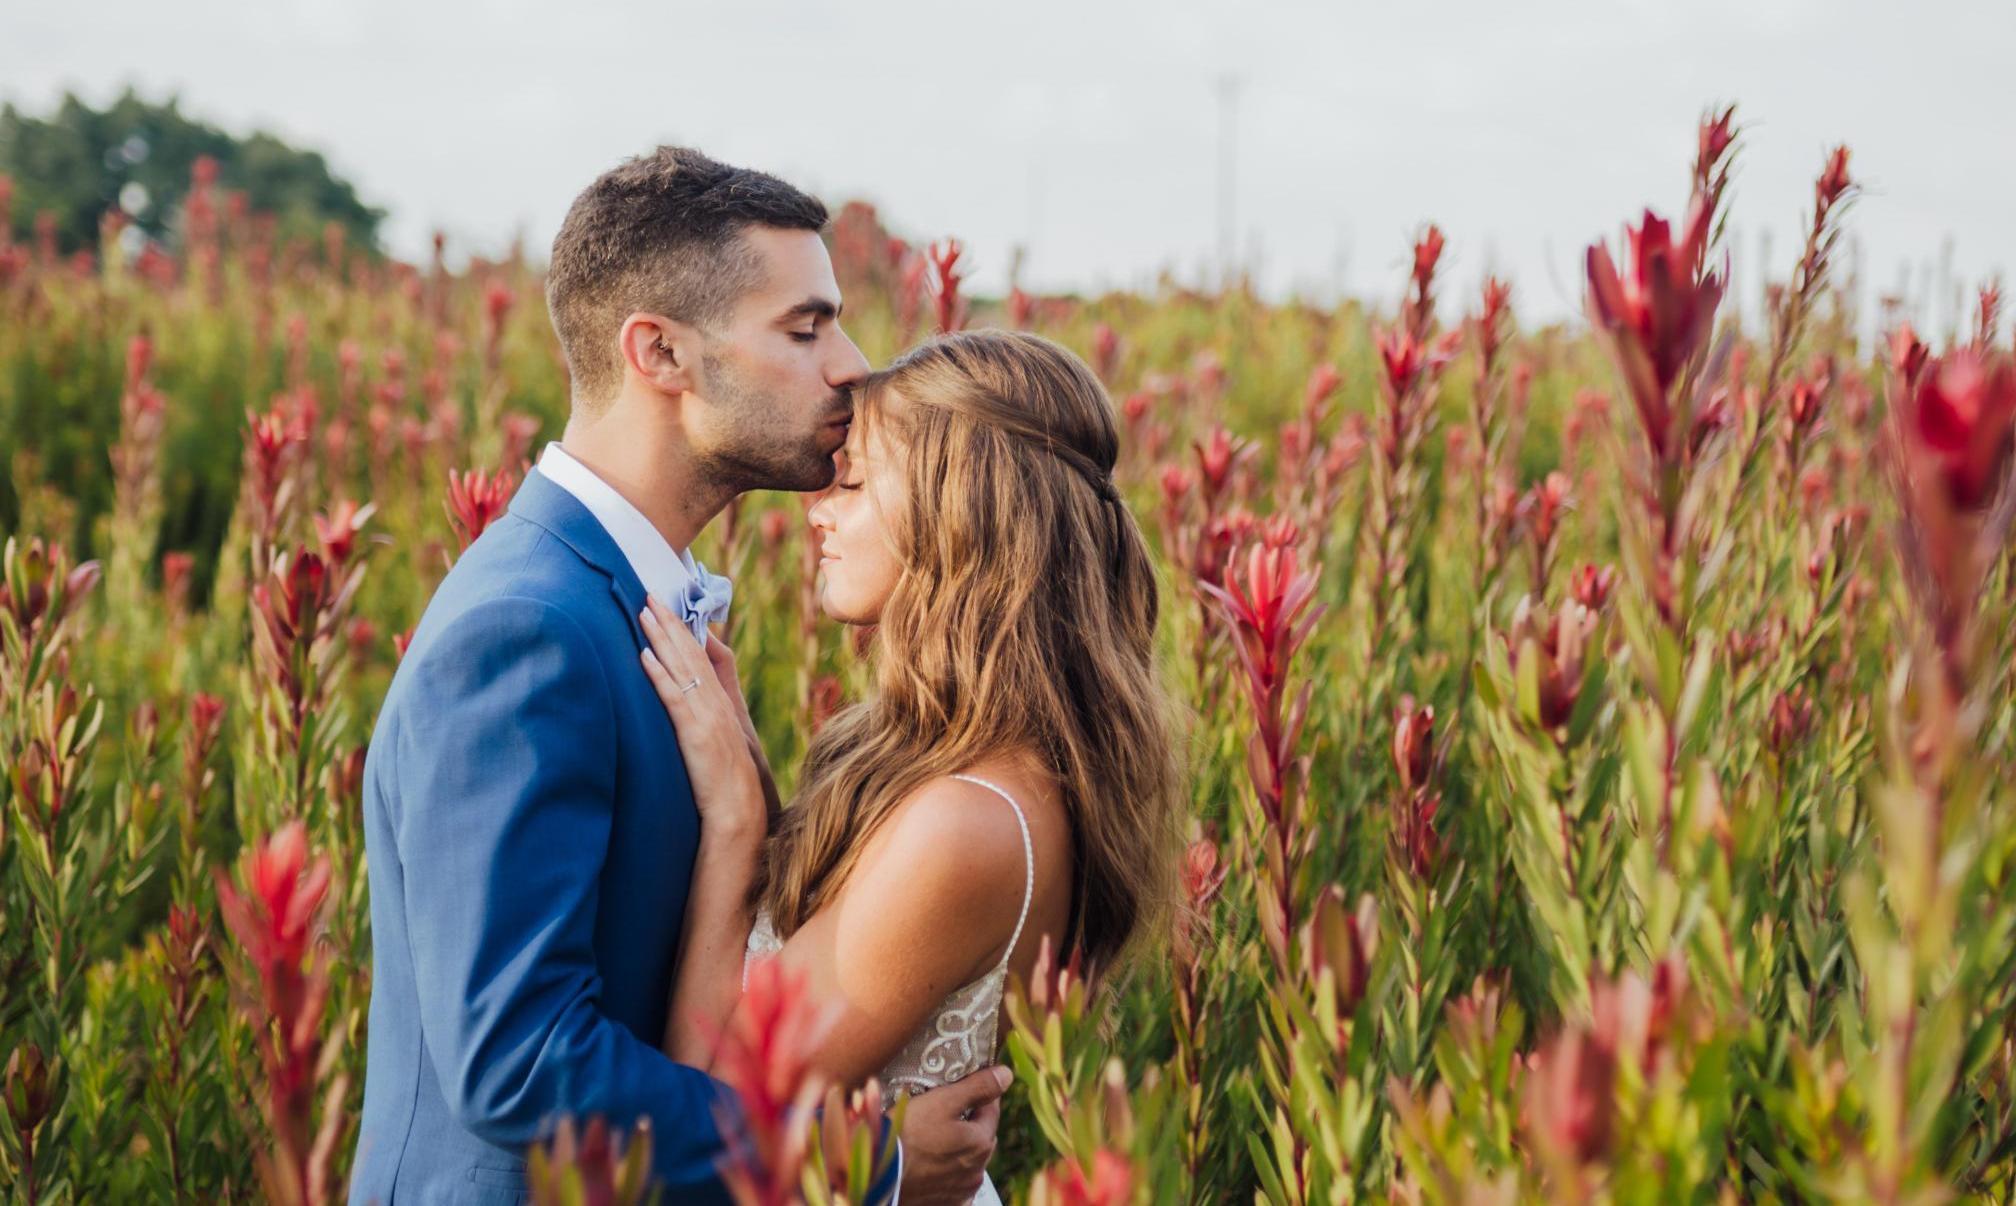 לחיי החתונות המרגשות שבדרך